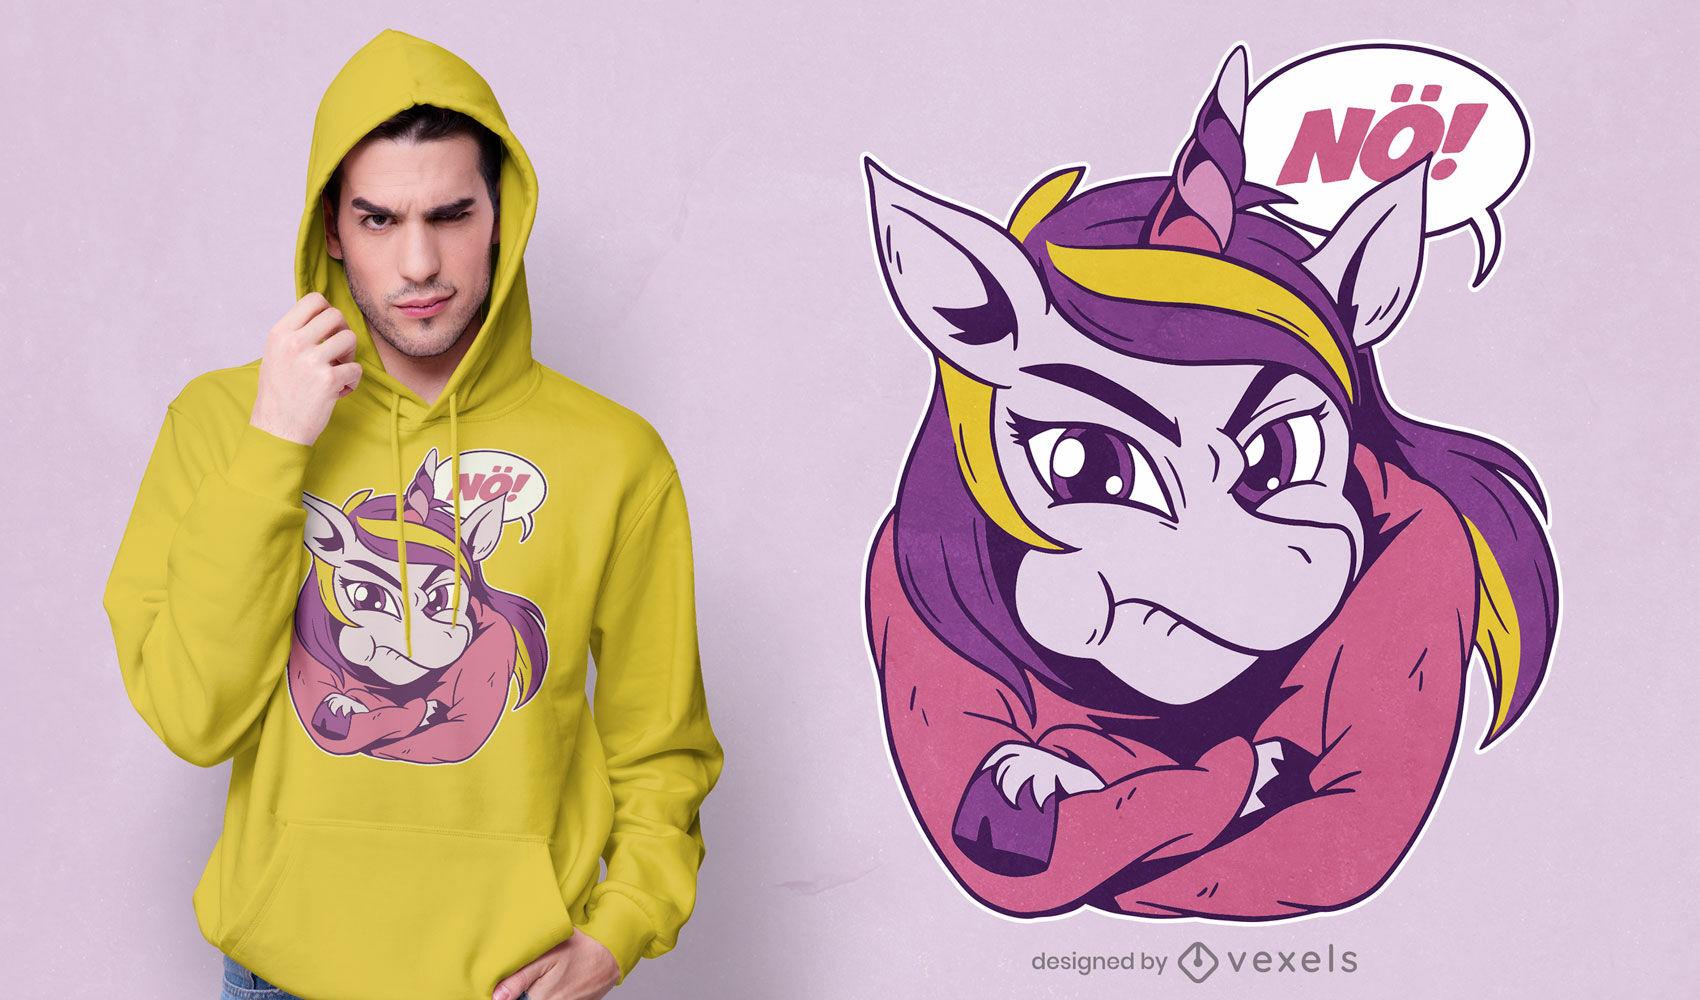 Divertido dise?o de camiseta de unicornio obstinado.